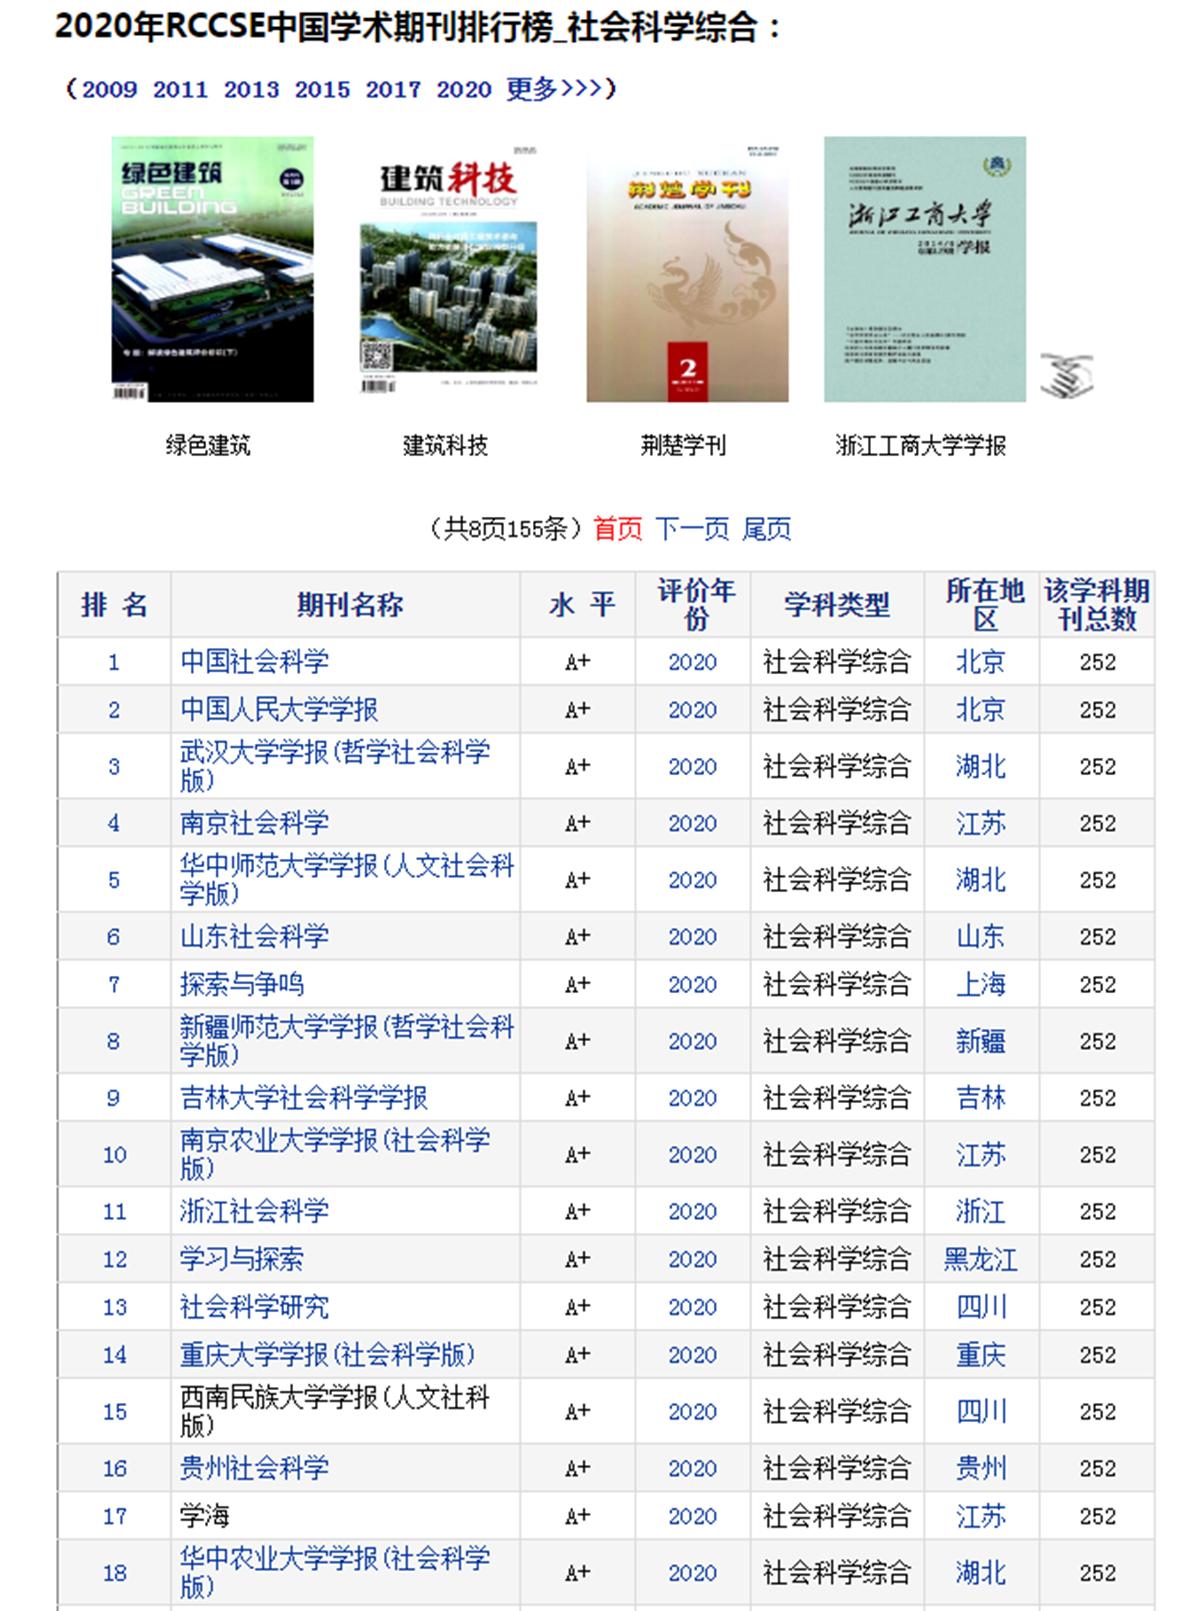 2020年RCCSE中国学术期刊排行榜-社会科学综合